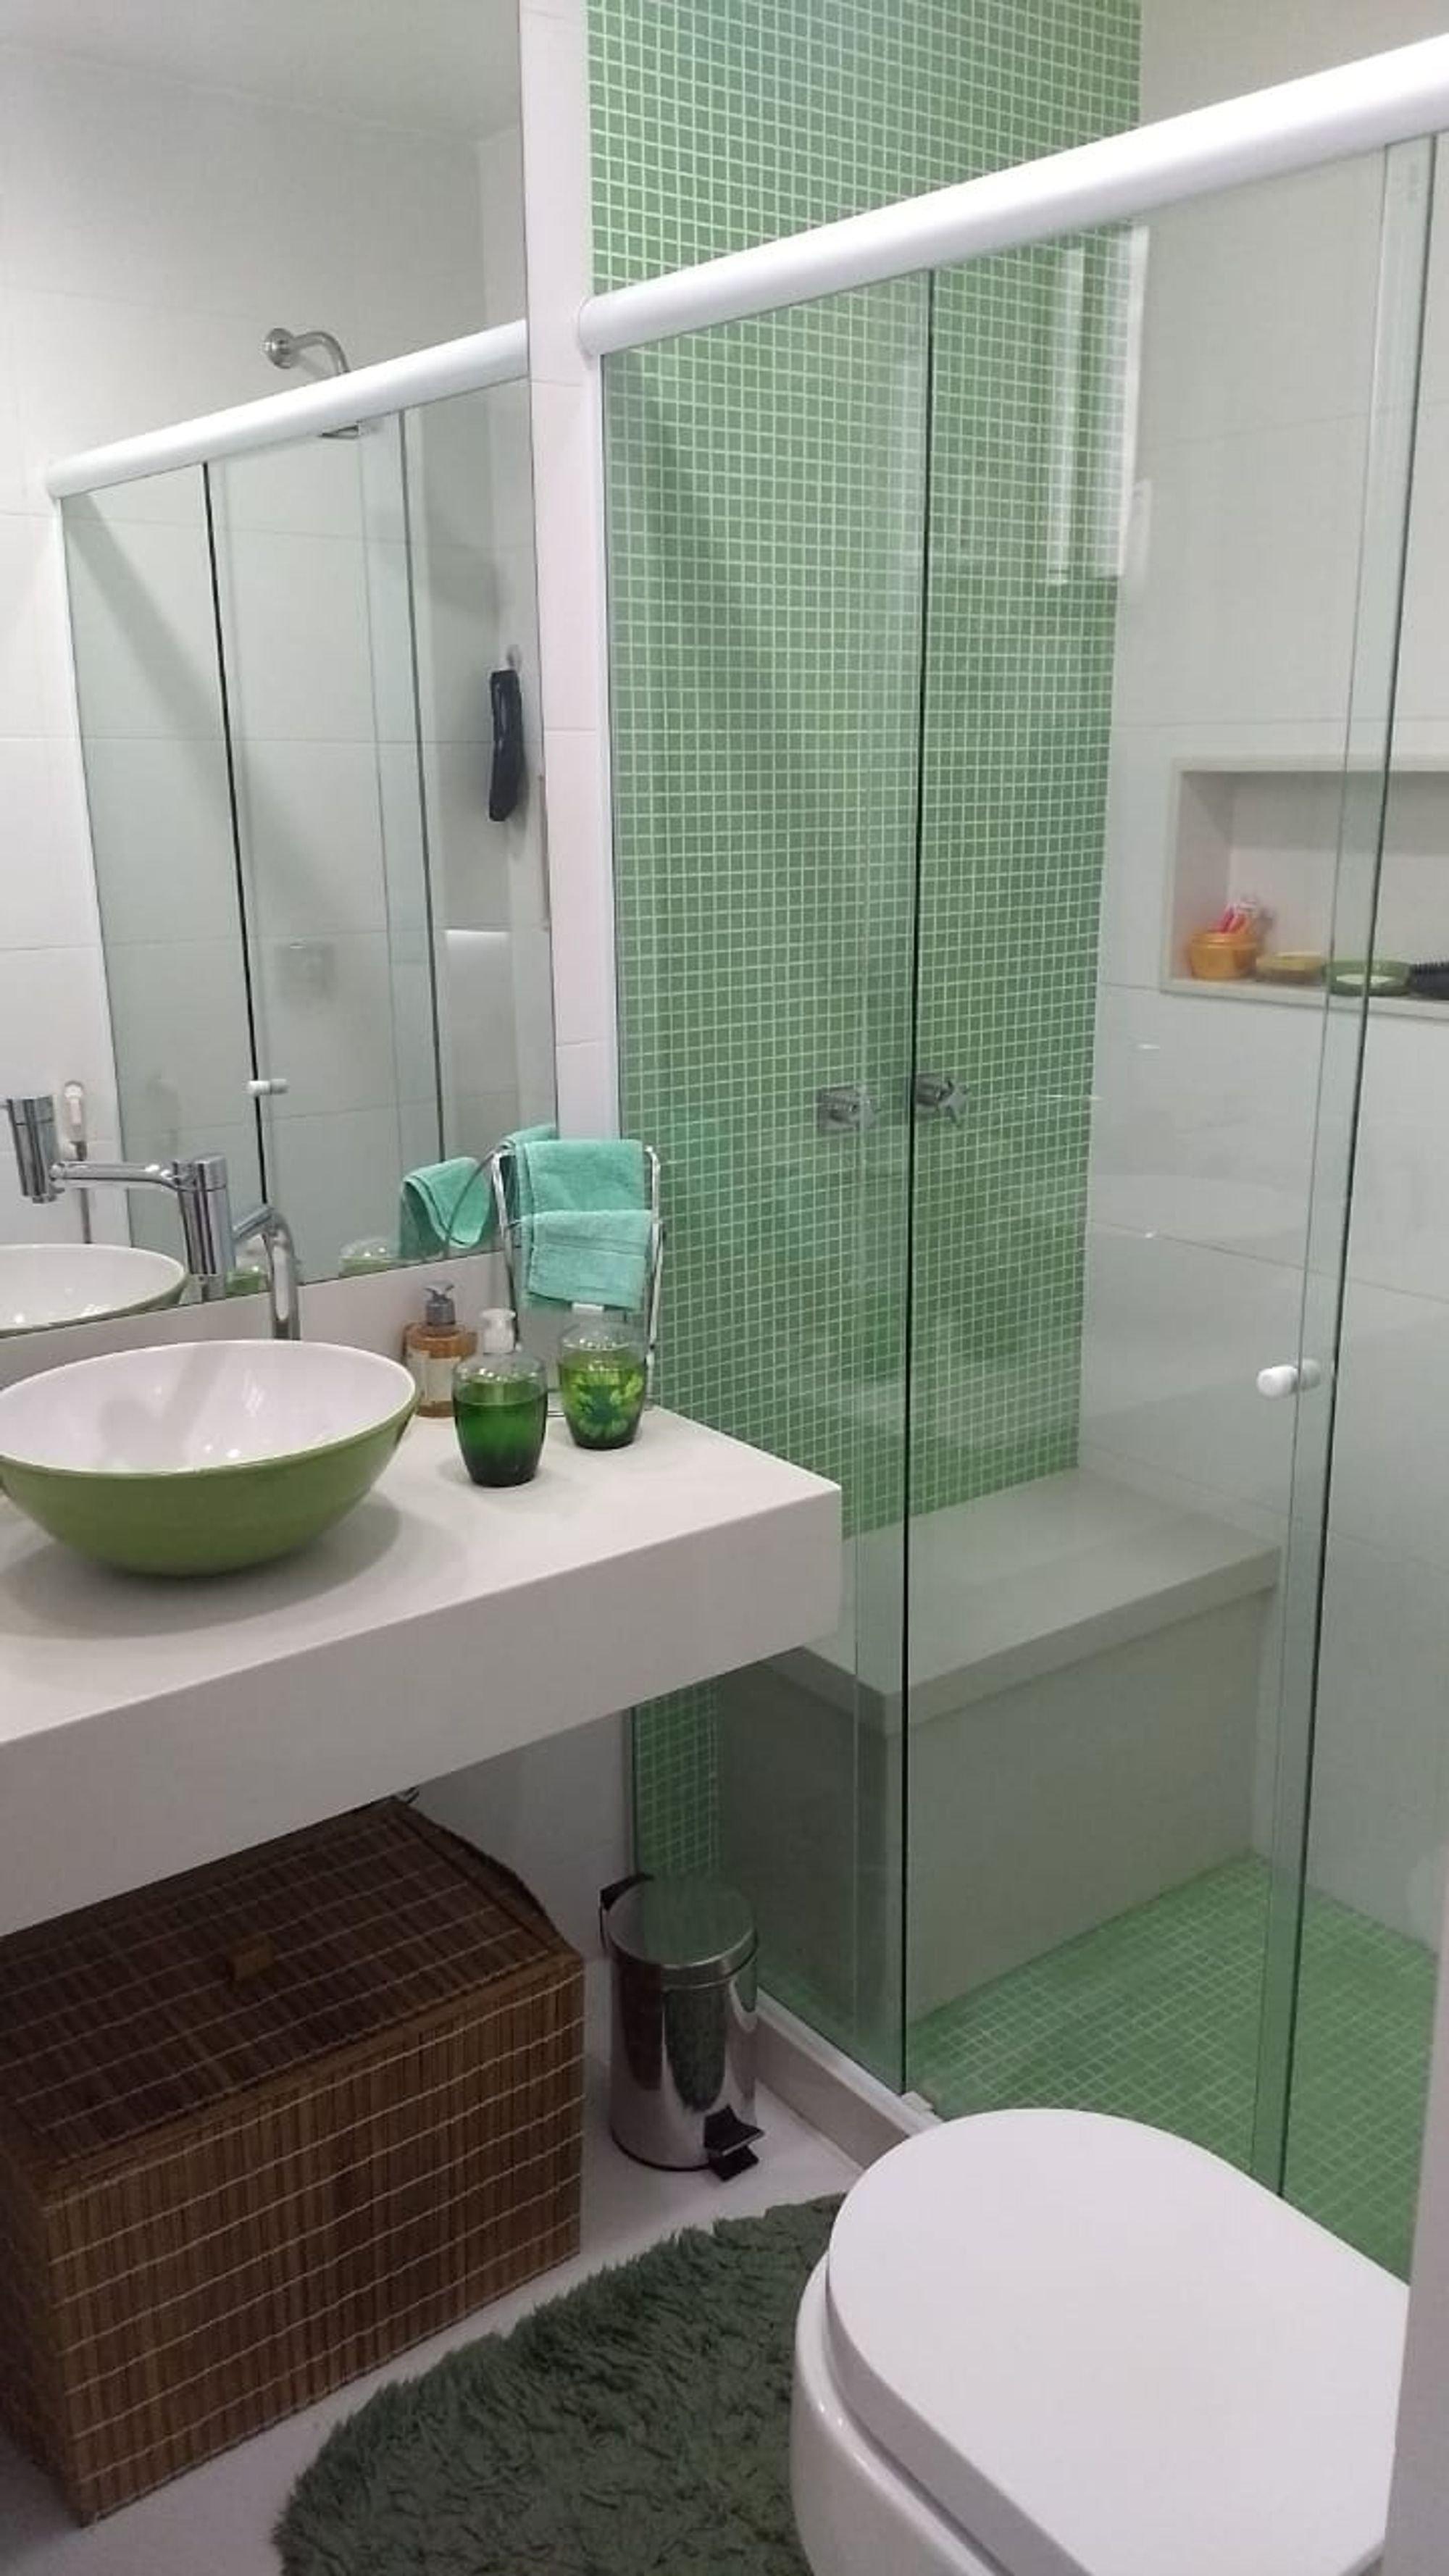 Foto de Banheiro com tigela, vaso sanitário